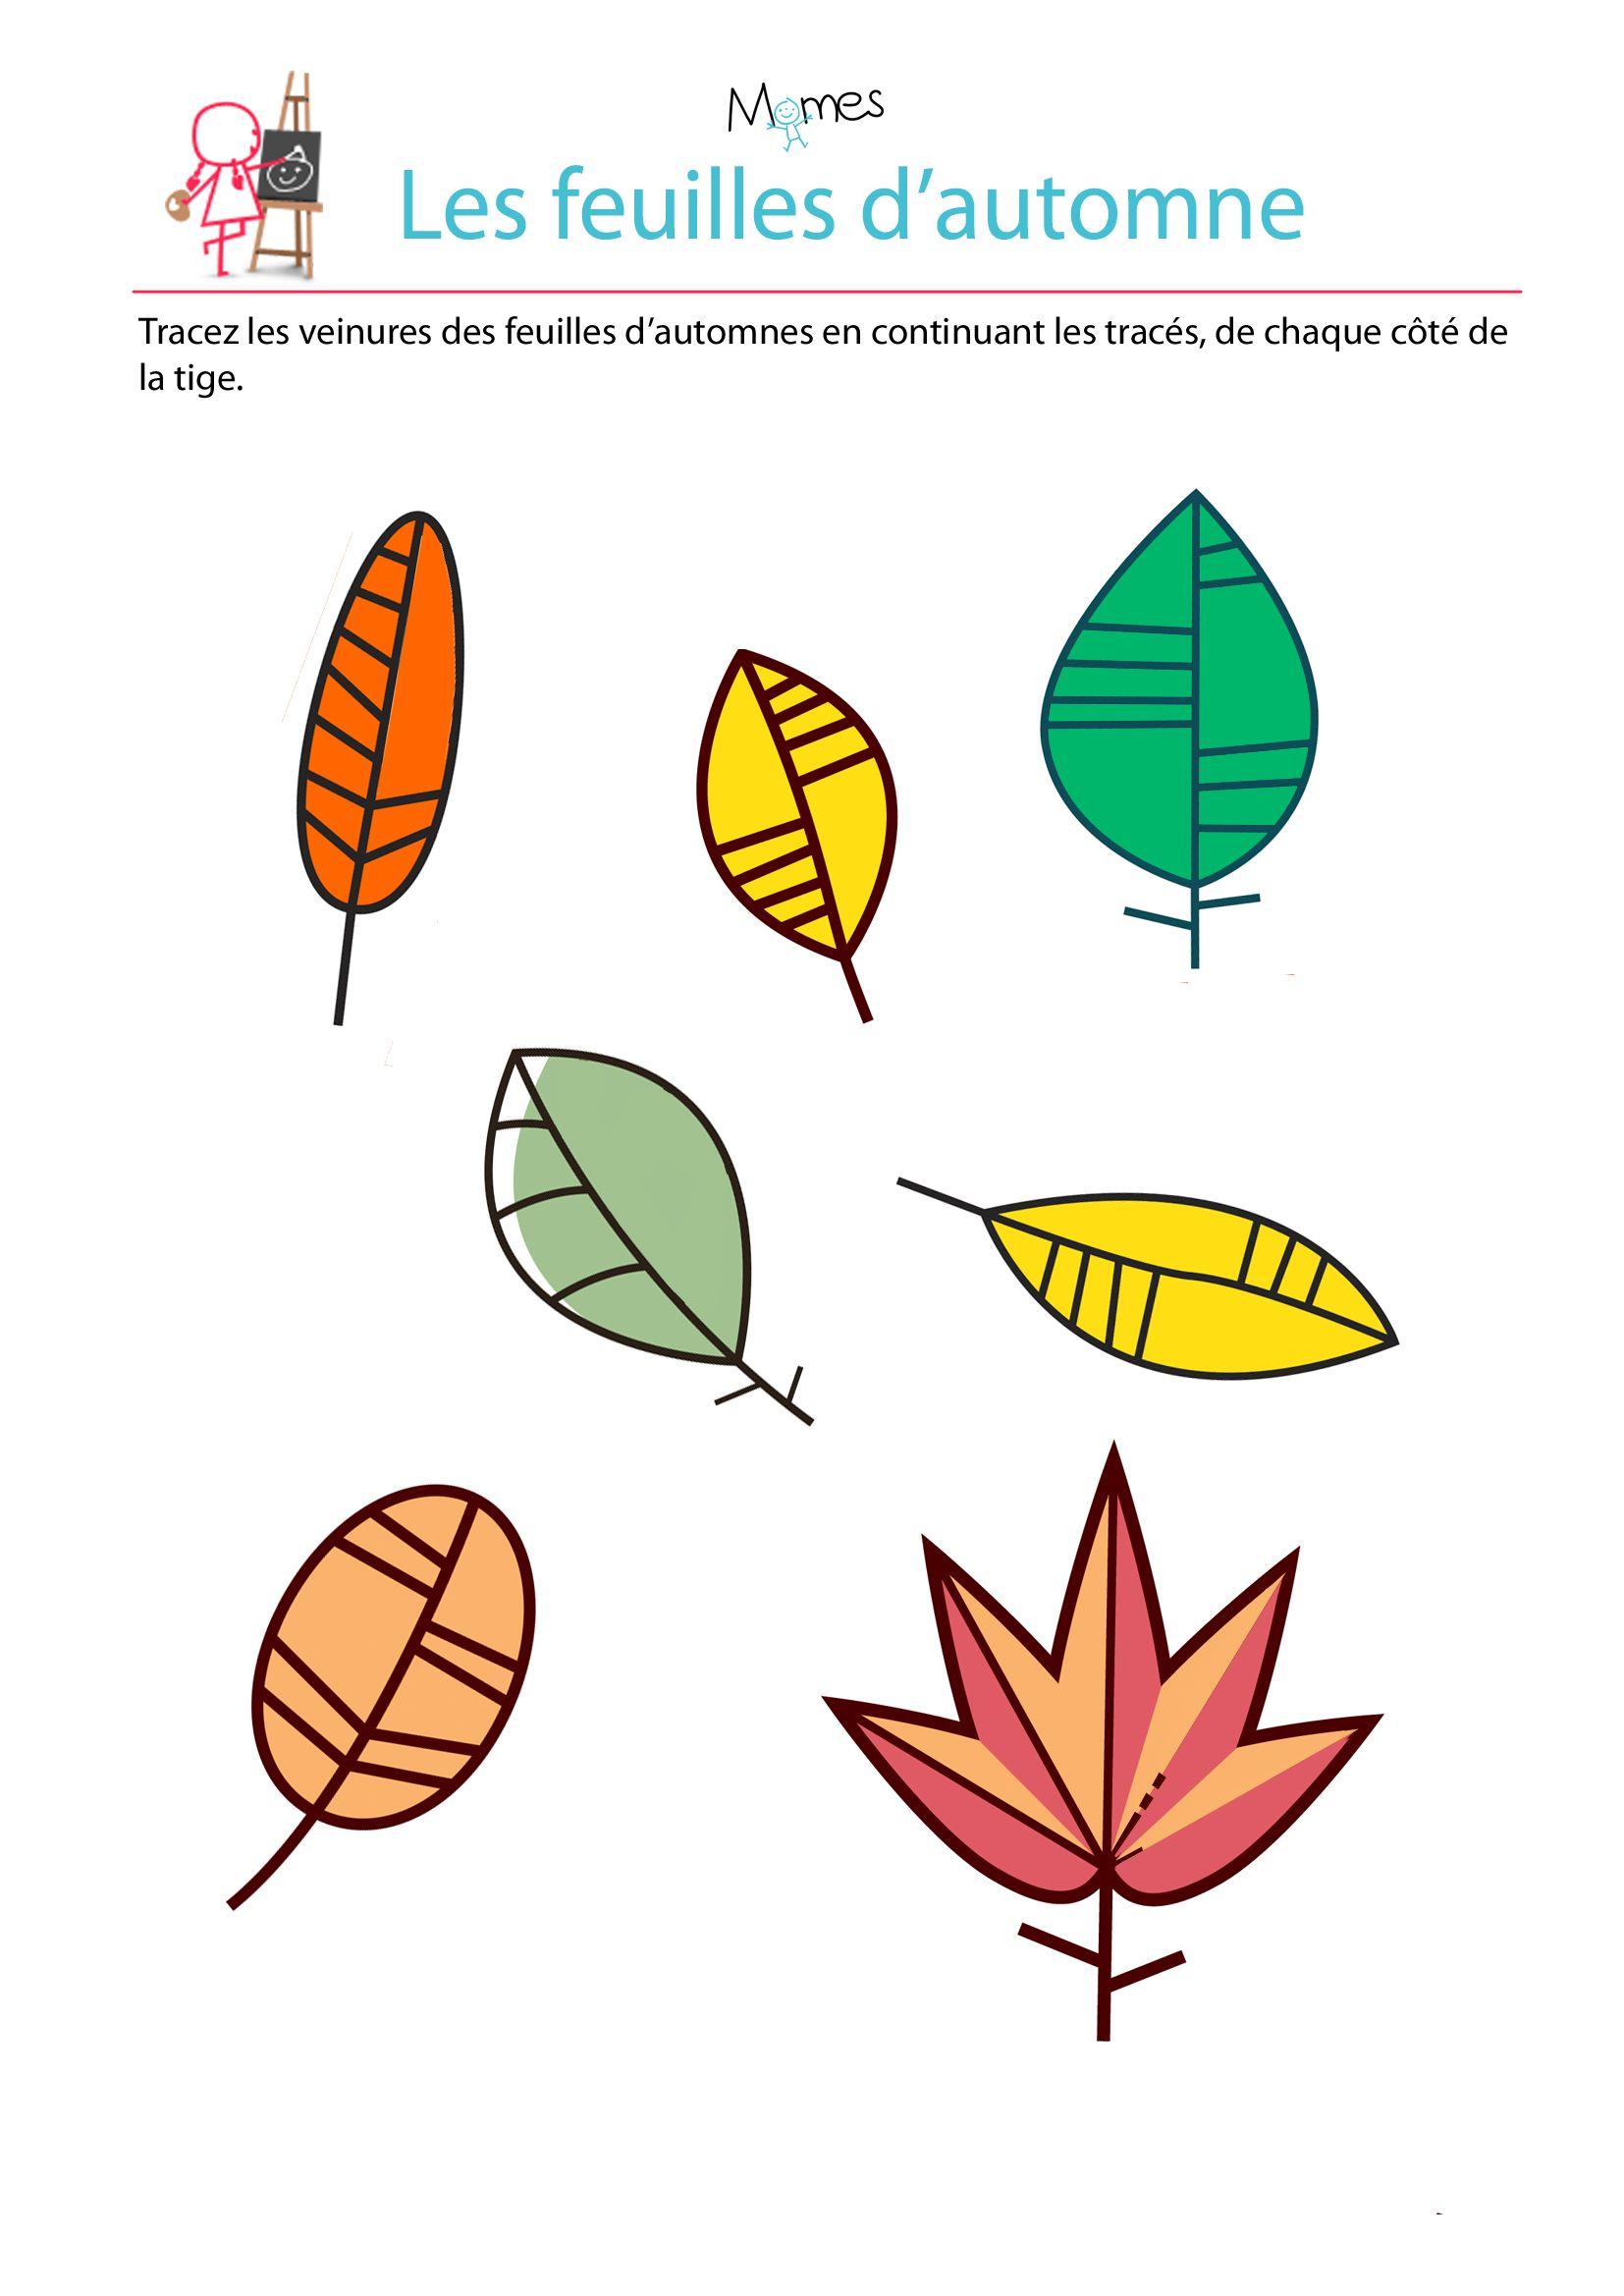 Reproduction sym trique les feuilles d 39 automne l 39 automne pinterest feuille automne - Symetrie a imprimer ...